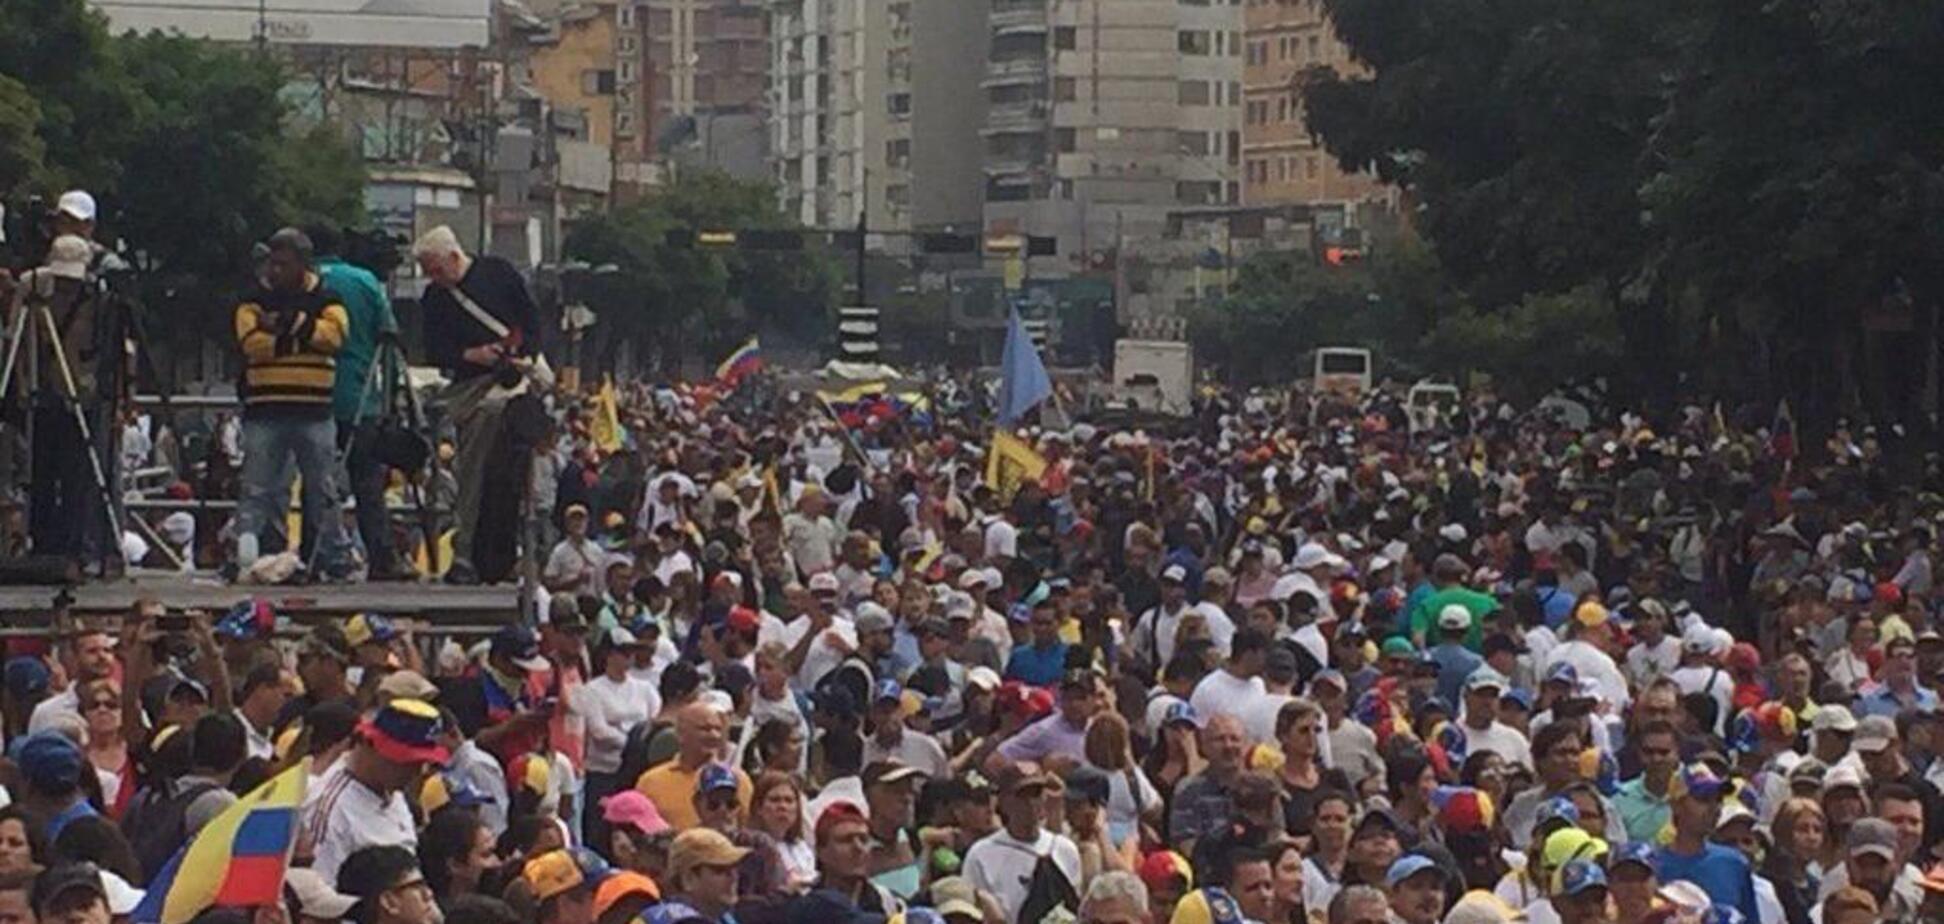 Революція у Венесуелі: силовики відкрили стрілянину, є поранені та вбиті